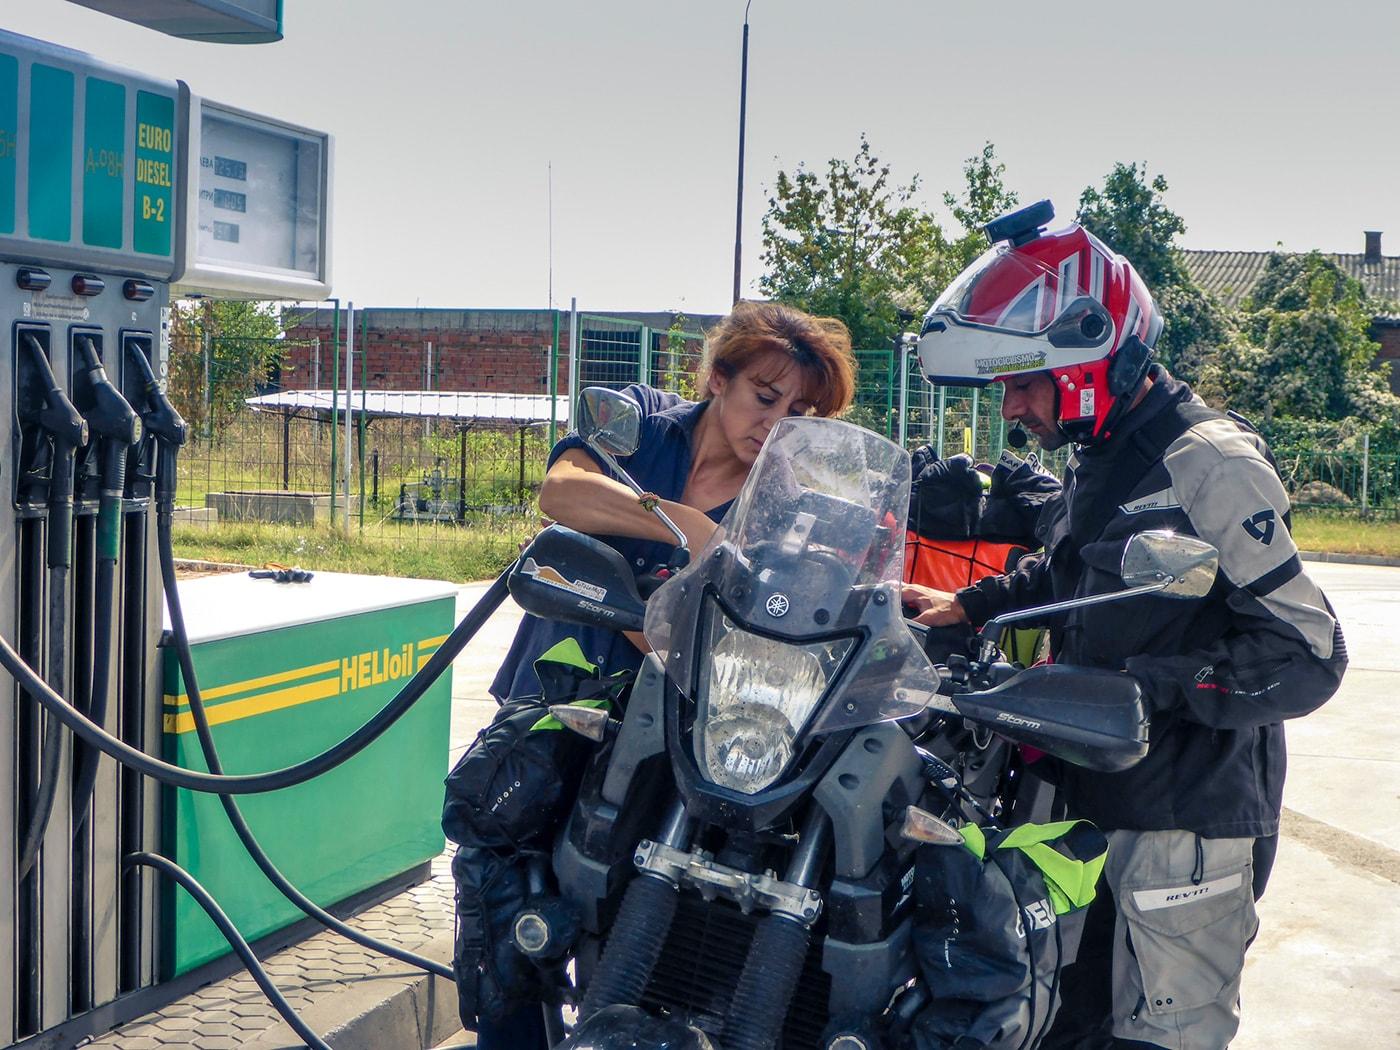 balcani-in-moto-benzina-bulgaria